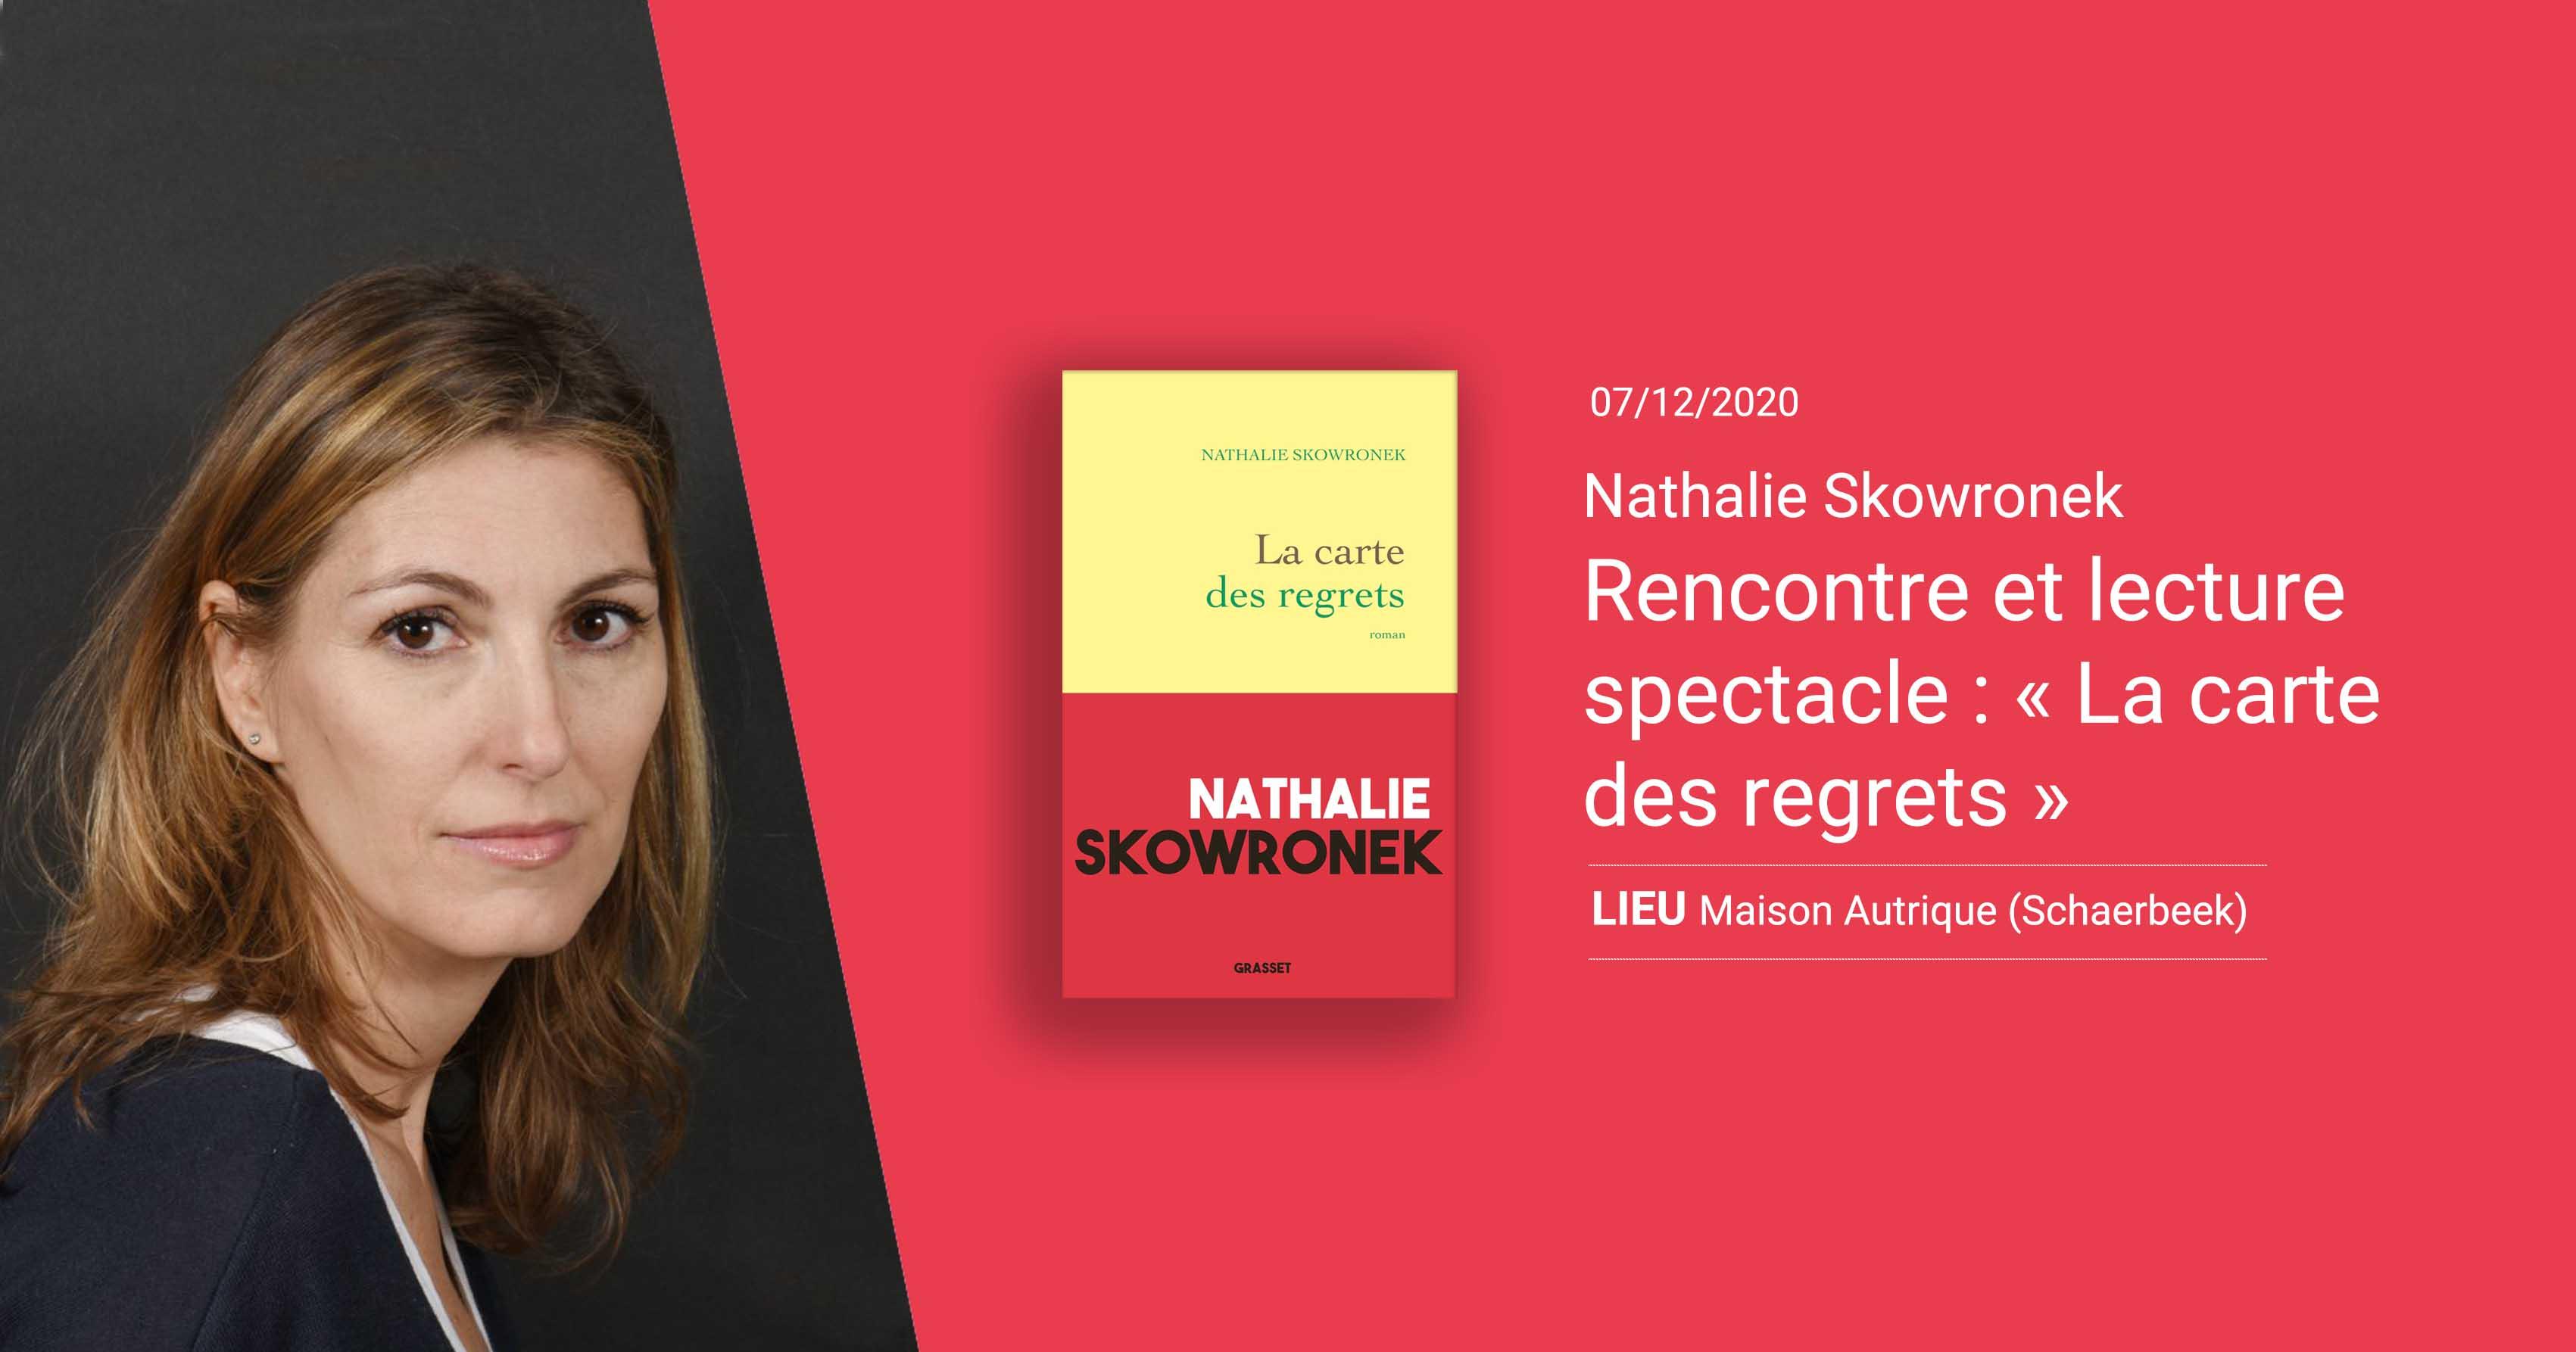 Rencontre et lecture spectacle : « La carte des regrets » de Nathalie Skowronek